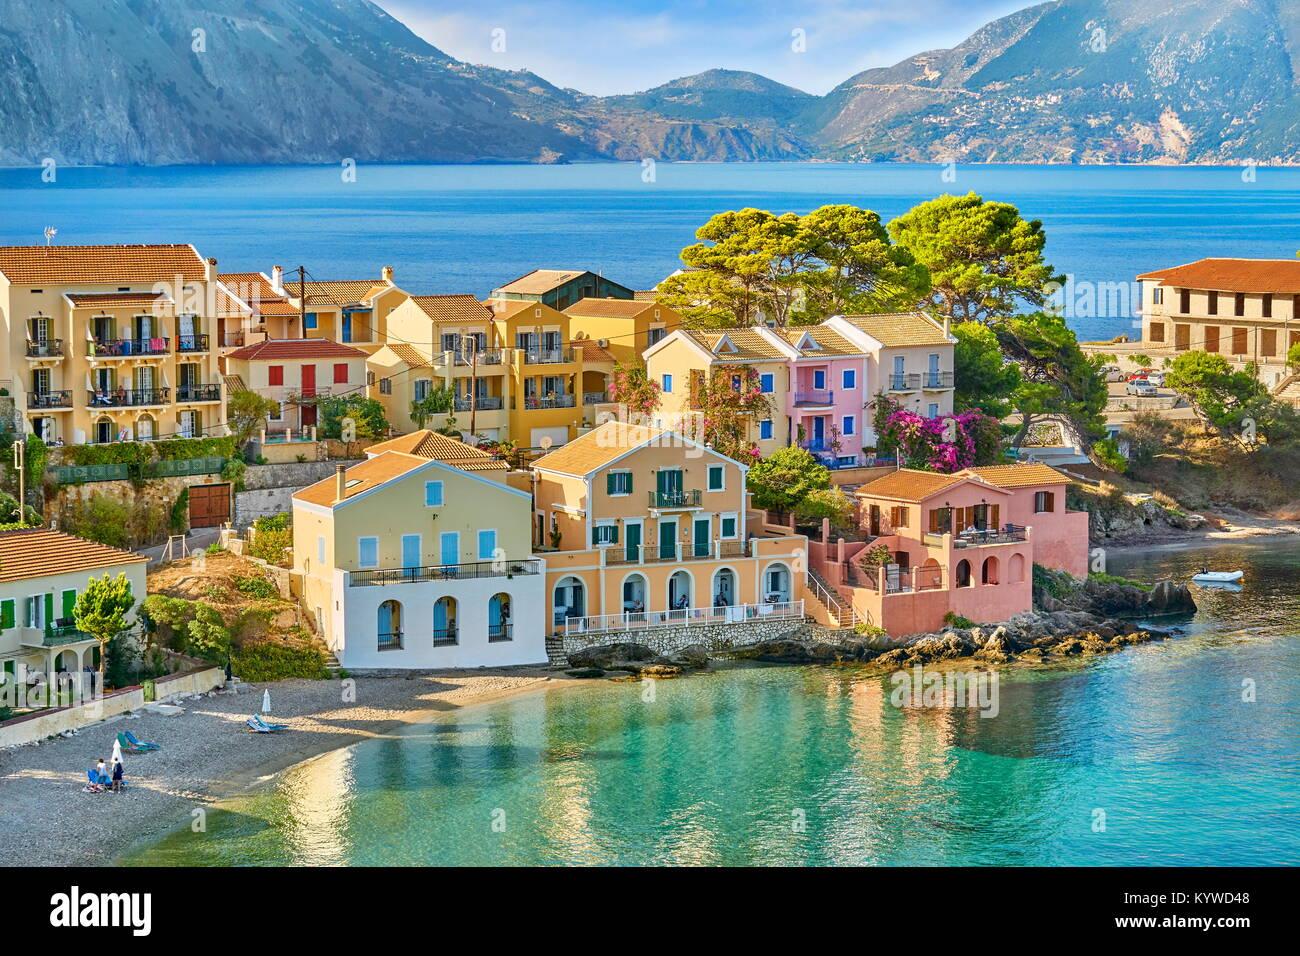 Maisons colorées dans le village d'Assos, l'île de Céphalonie, Grèce Photo Stock